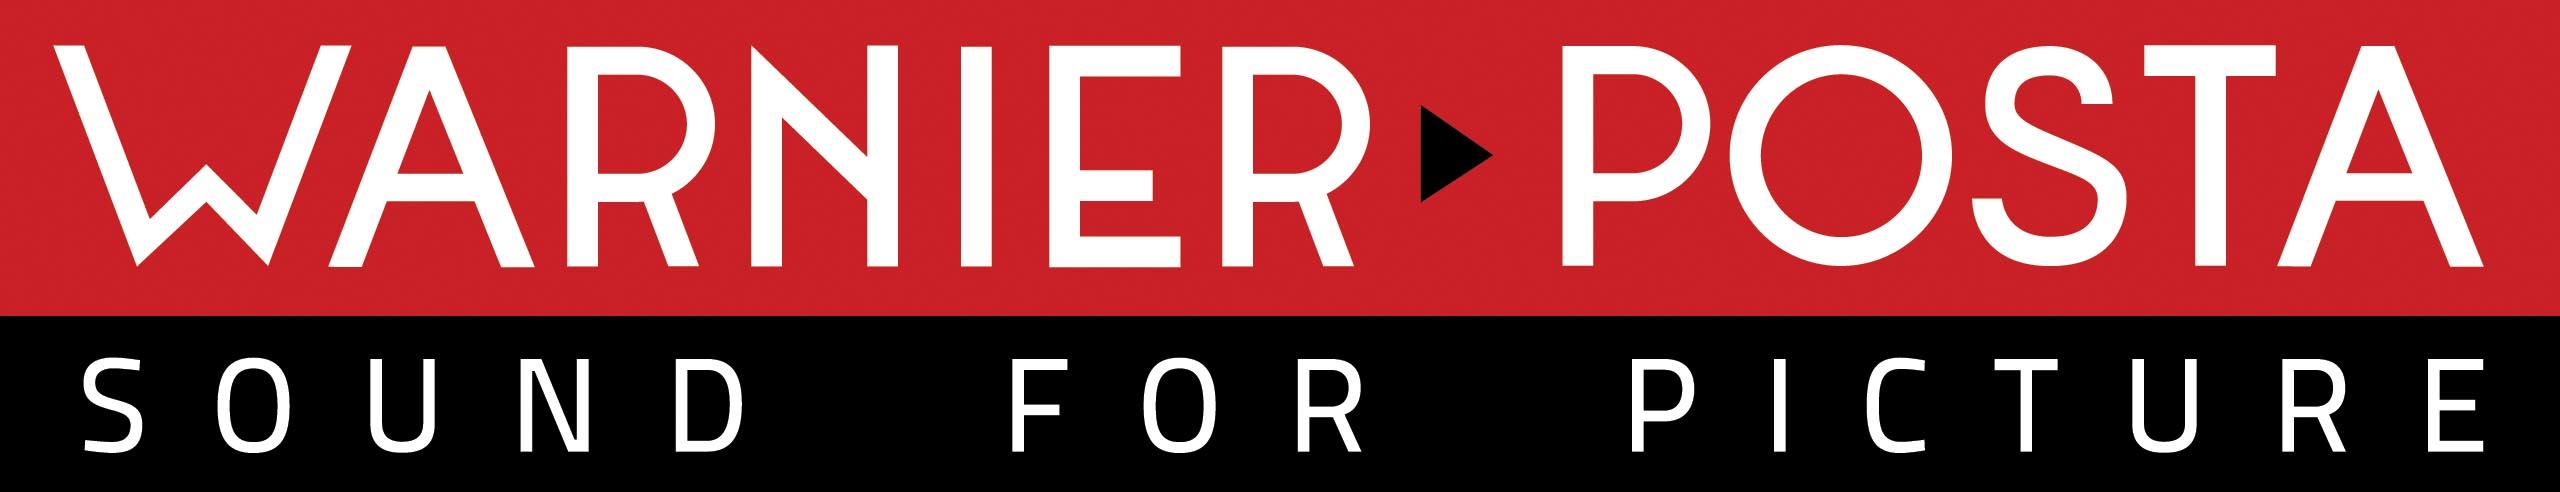 logo warnier posta def